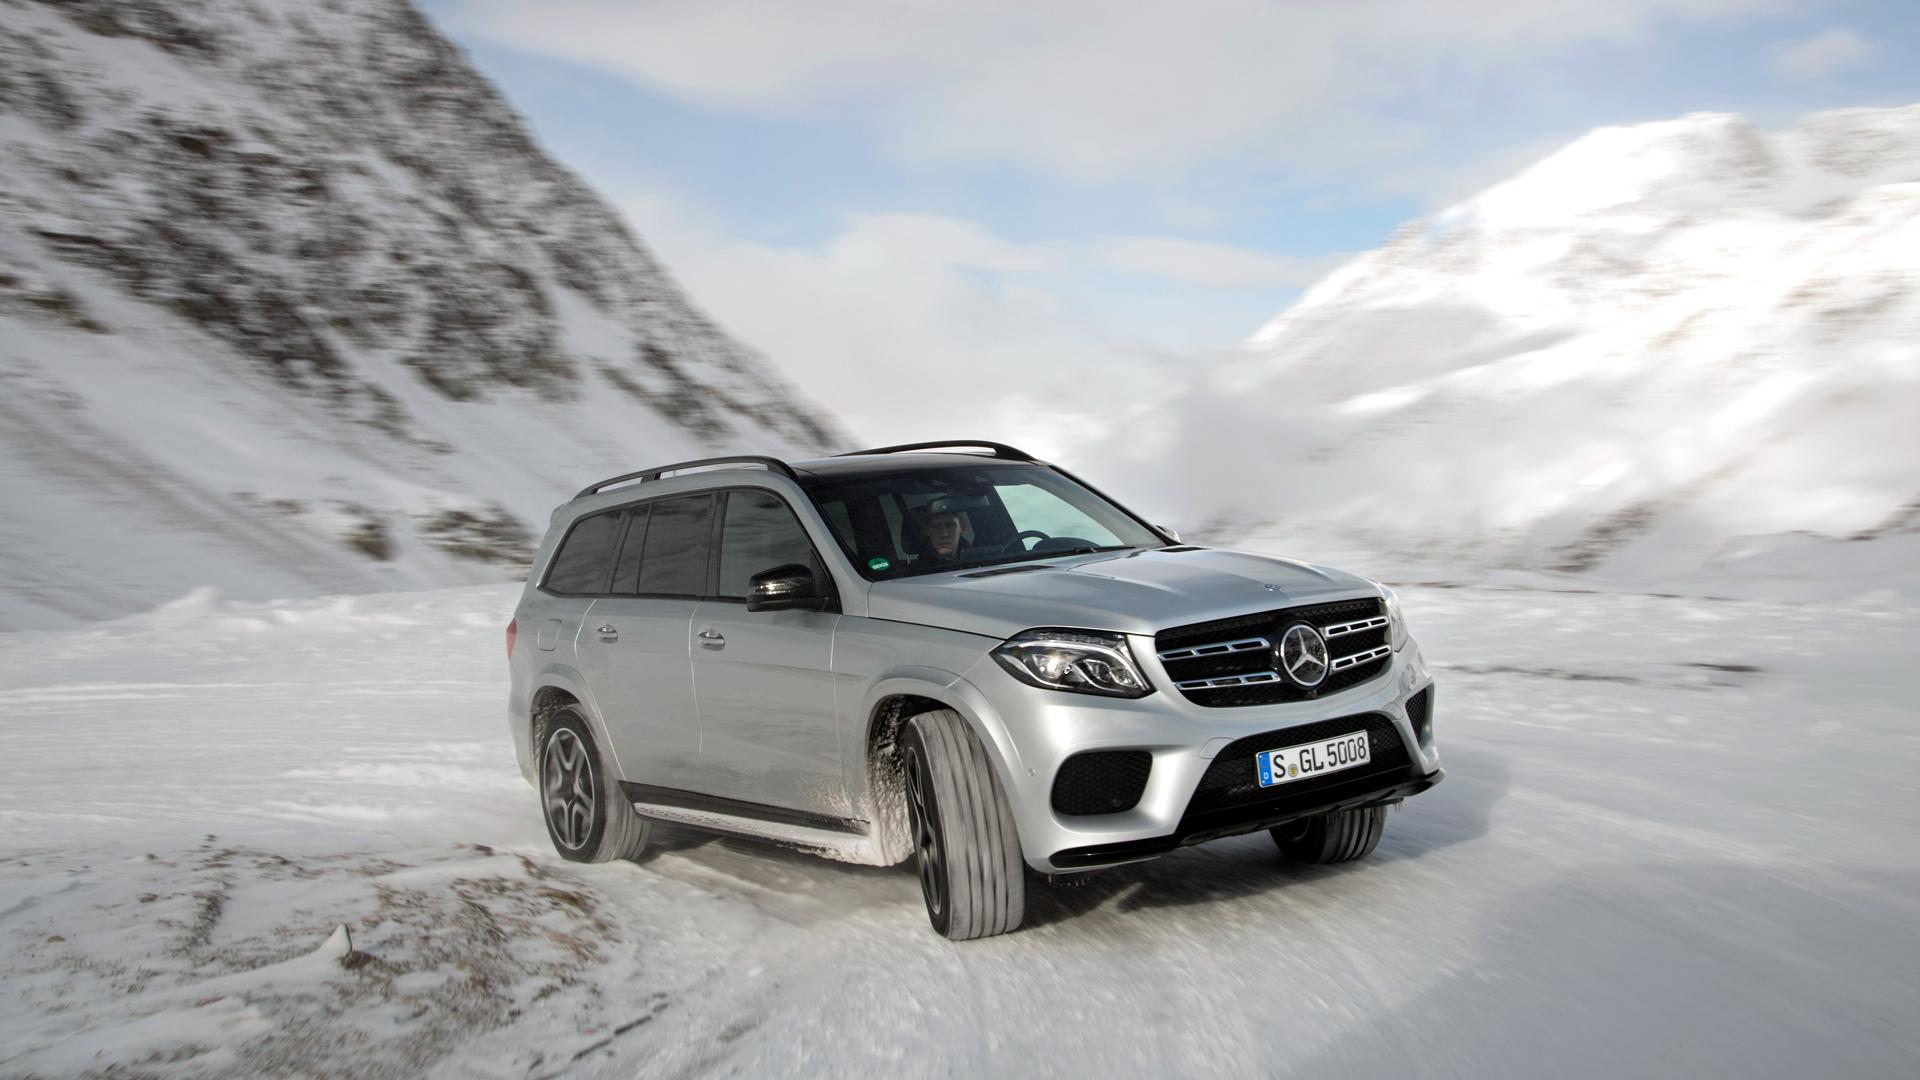 Как изменился Mercedes-Benz GL, породнившись с S-классом. Фото 4